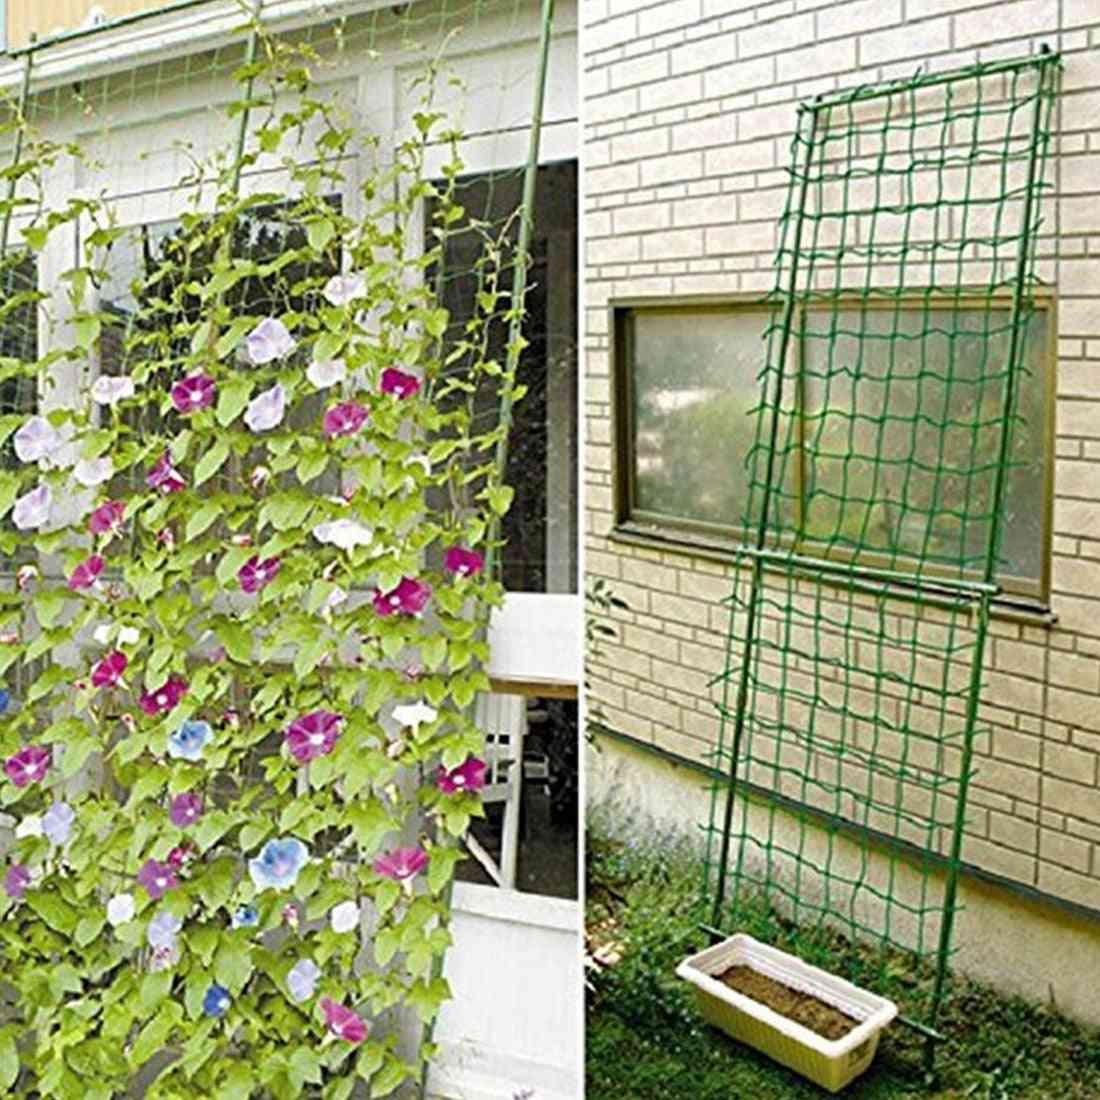 Garden Fence Millipore Nylon Net, Climbing Frame Gardening Net